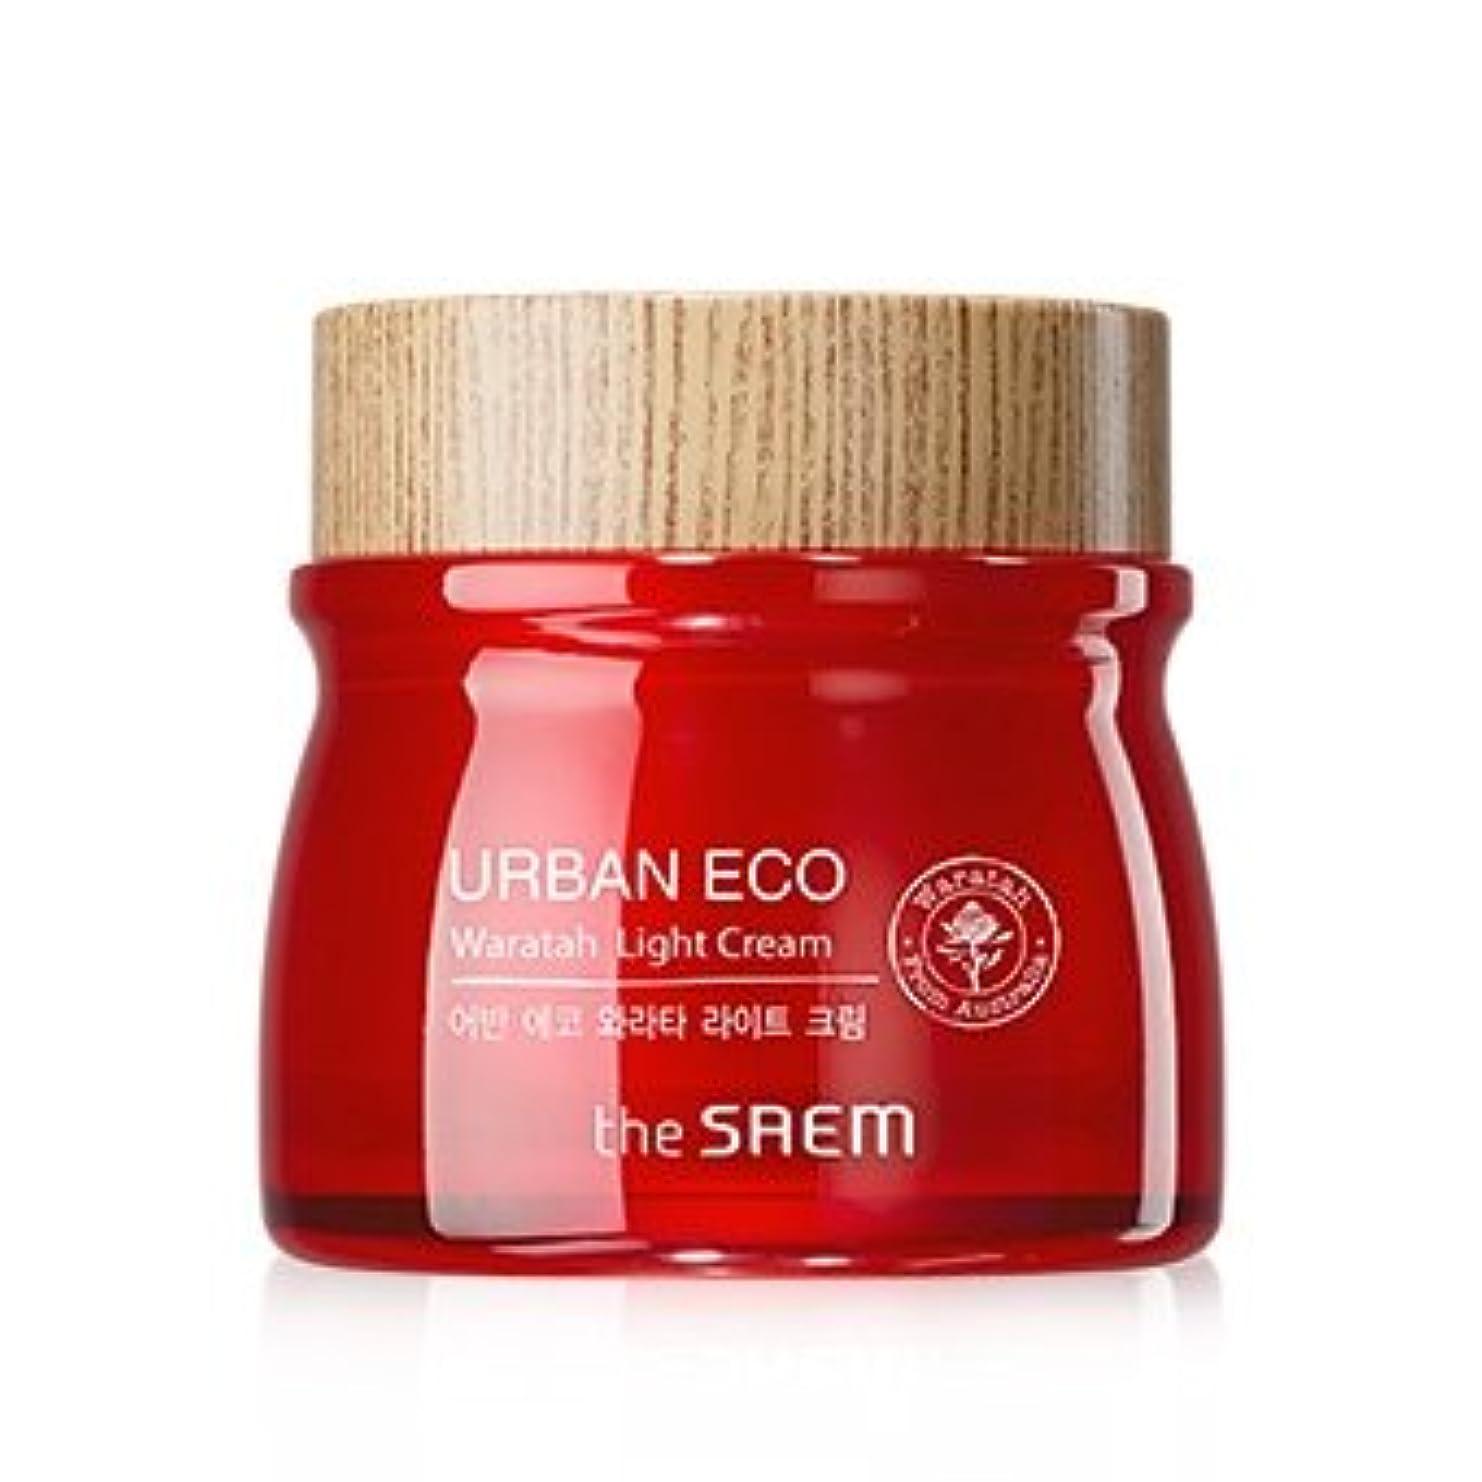 工業化する机時The Saem Urban Eco Waratah Light Cream 60ml ドセム アーバンエコワラターライトクリーム60ml[並行輸入品]